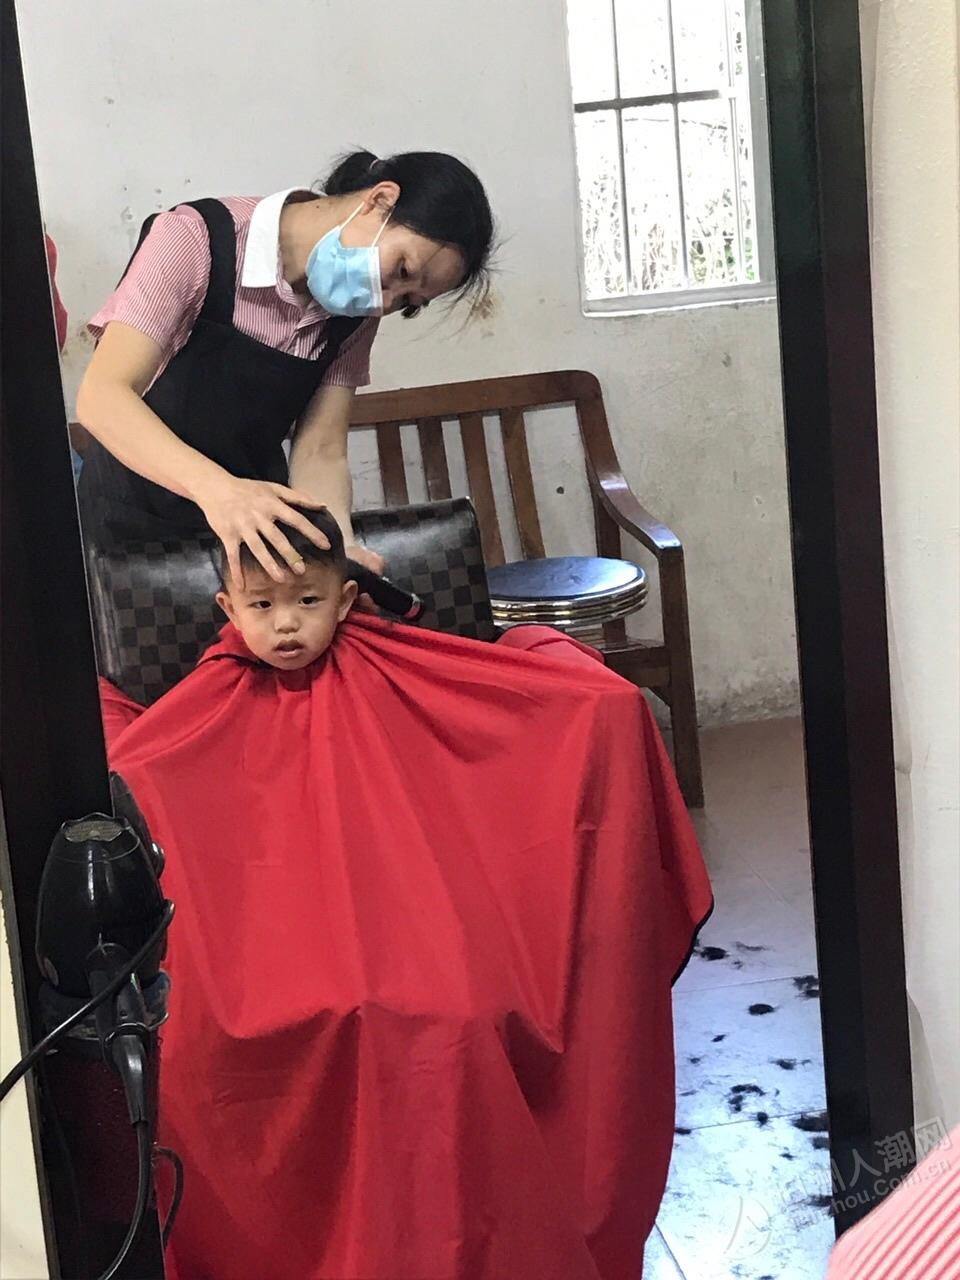 我家哥哥就是厉害,你家小孩剪头发会哭吗?